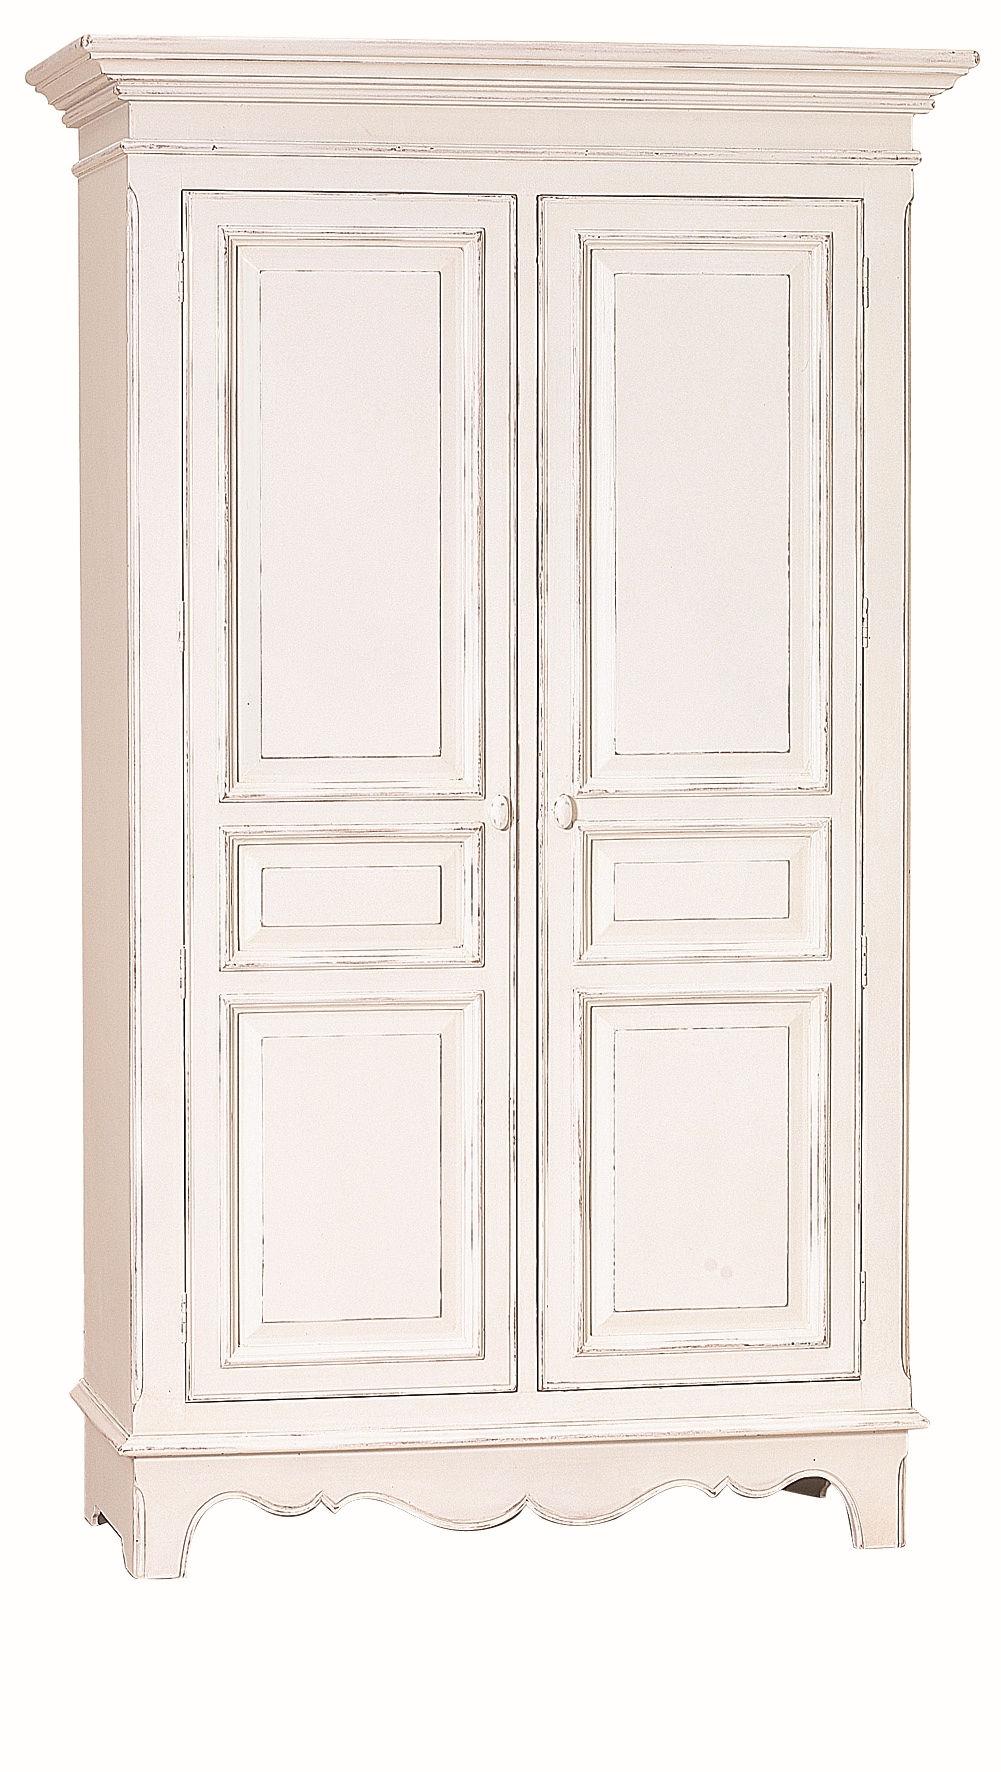 DecoPoint - Möbel in Troisdorf - Schrank Pinie + MDF Weiß lackiert ...